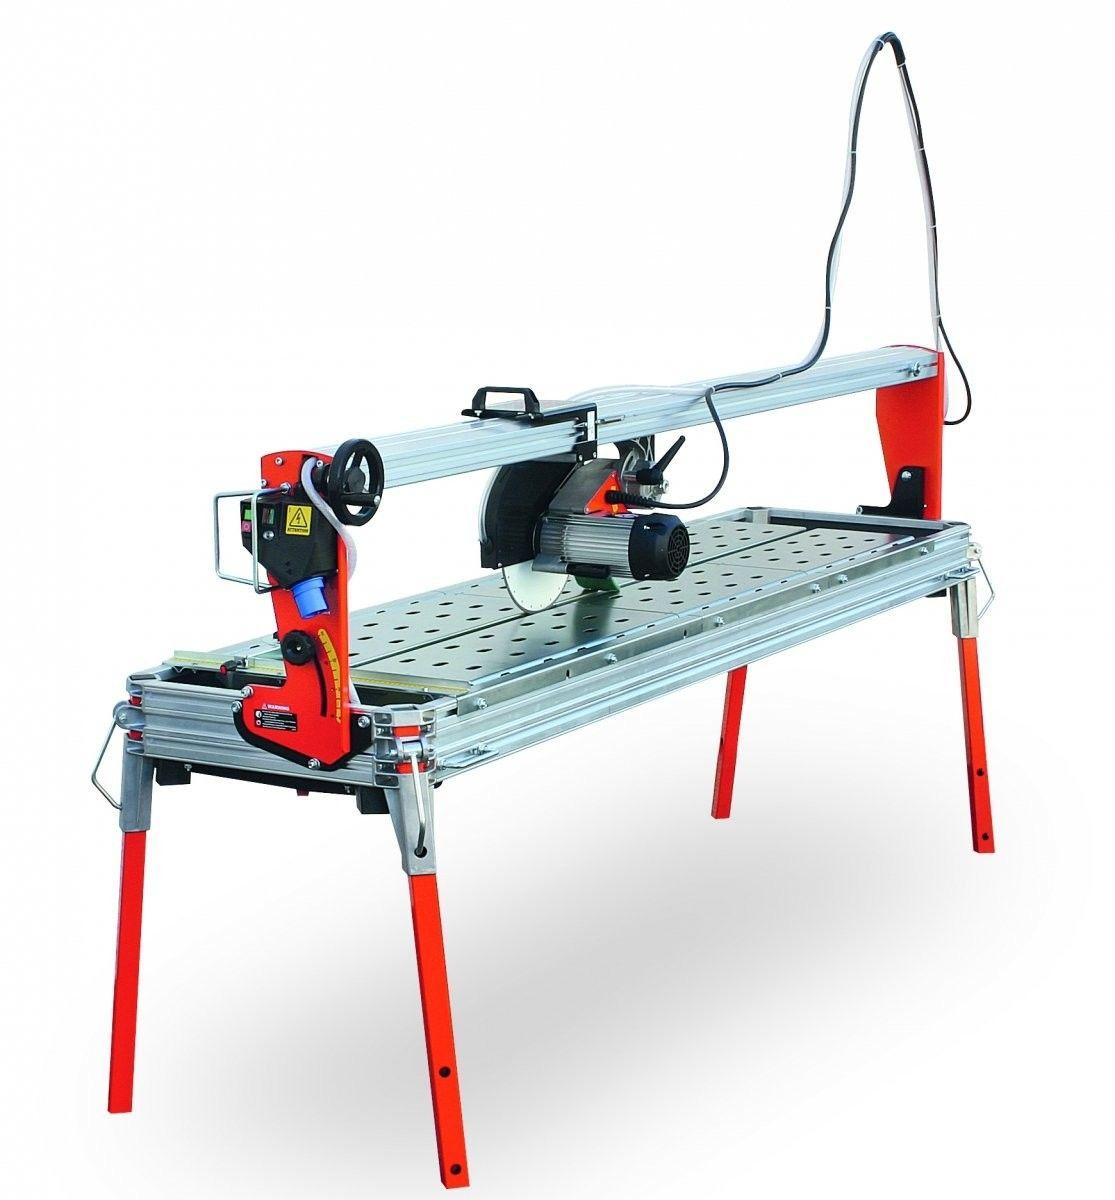 Piła stołowa elektryczna BATTIPAV SUPREME 200